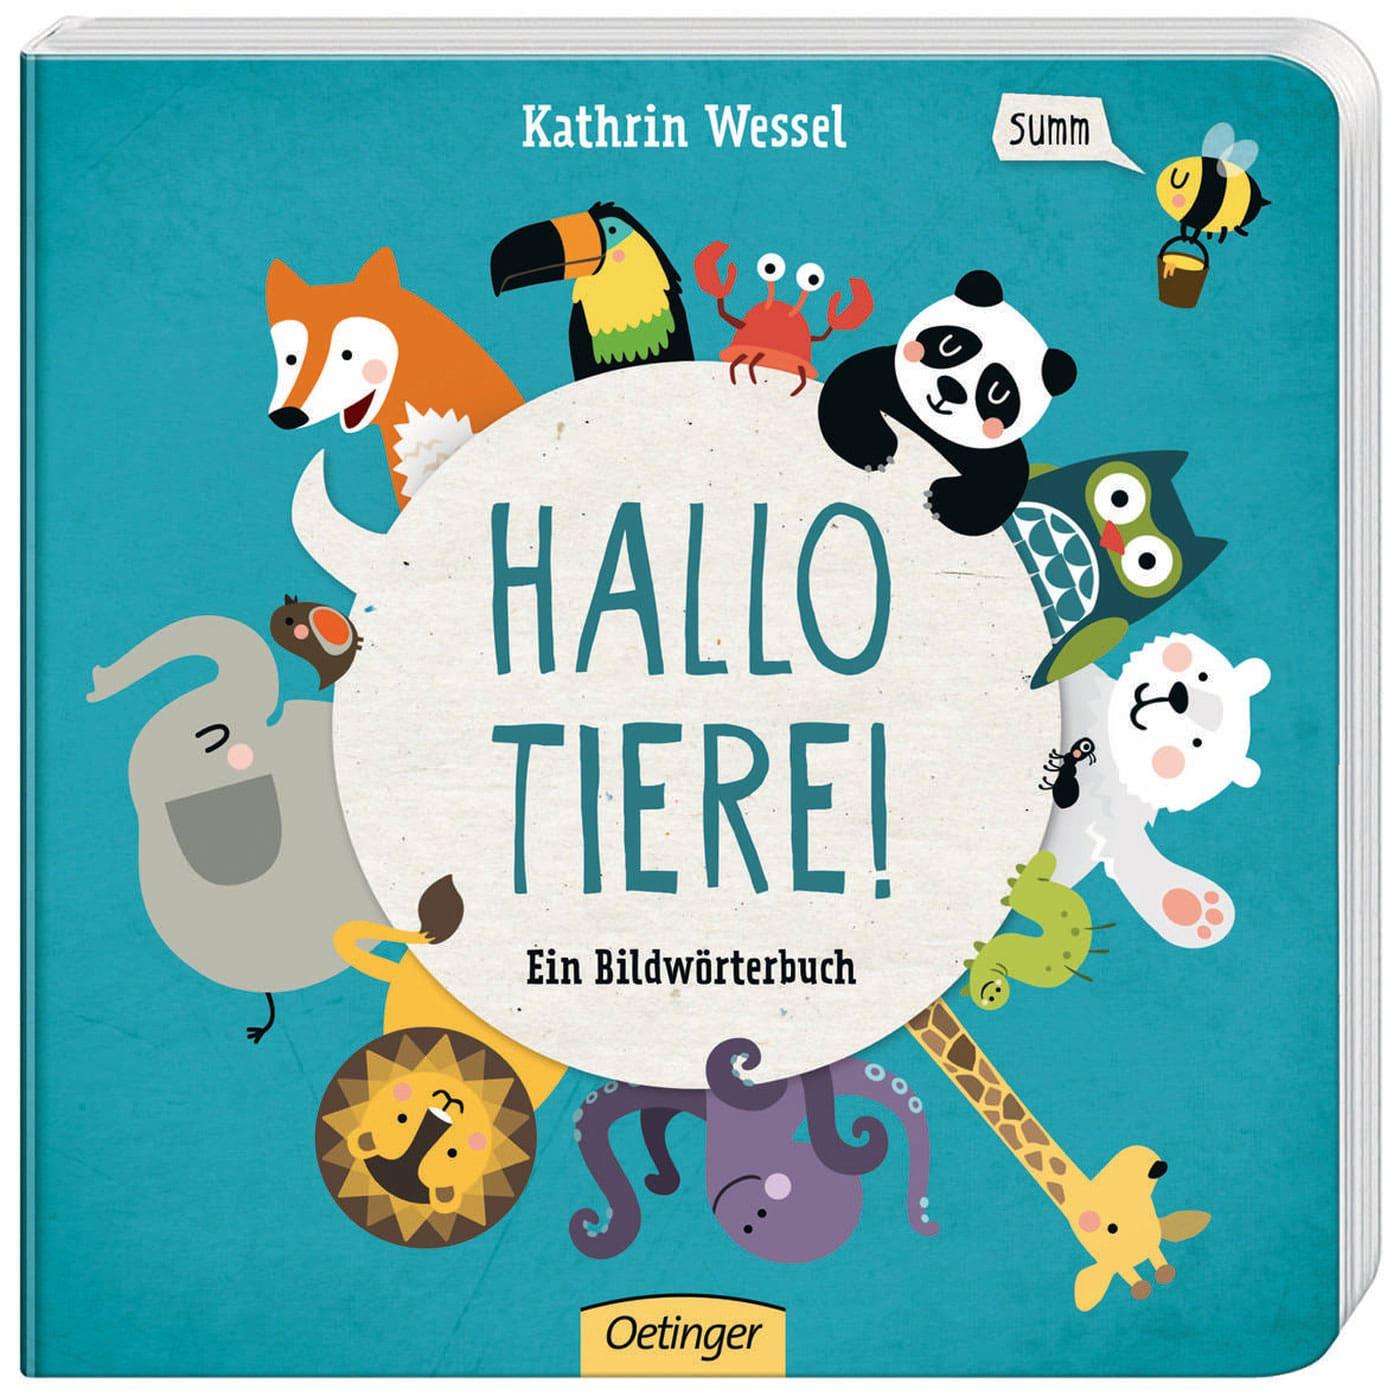 Die besten Bücher für Babys und Kleinkinder – Bildwörterbuch-Tipp: Hallo Tiere! // HIMBEER